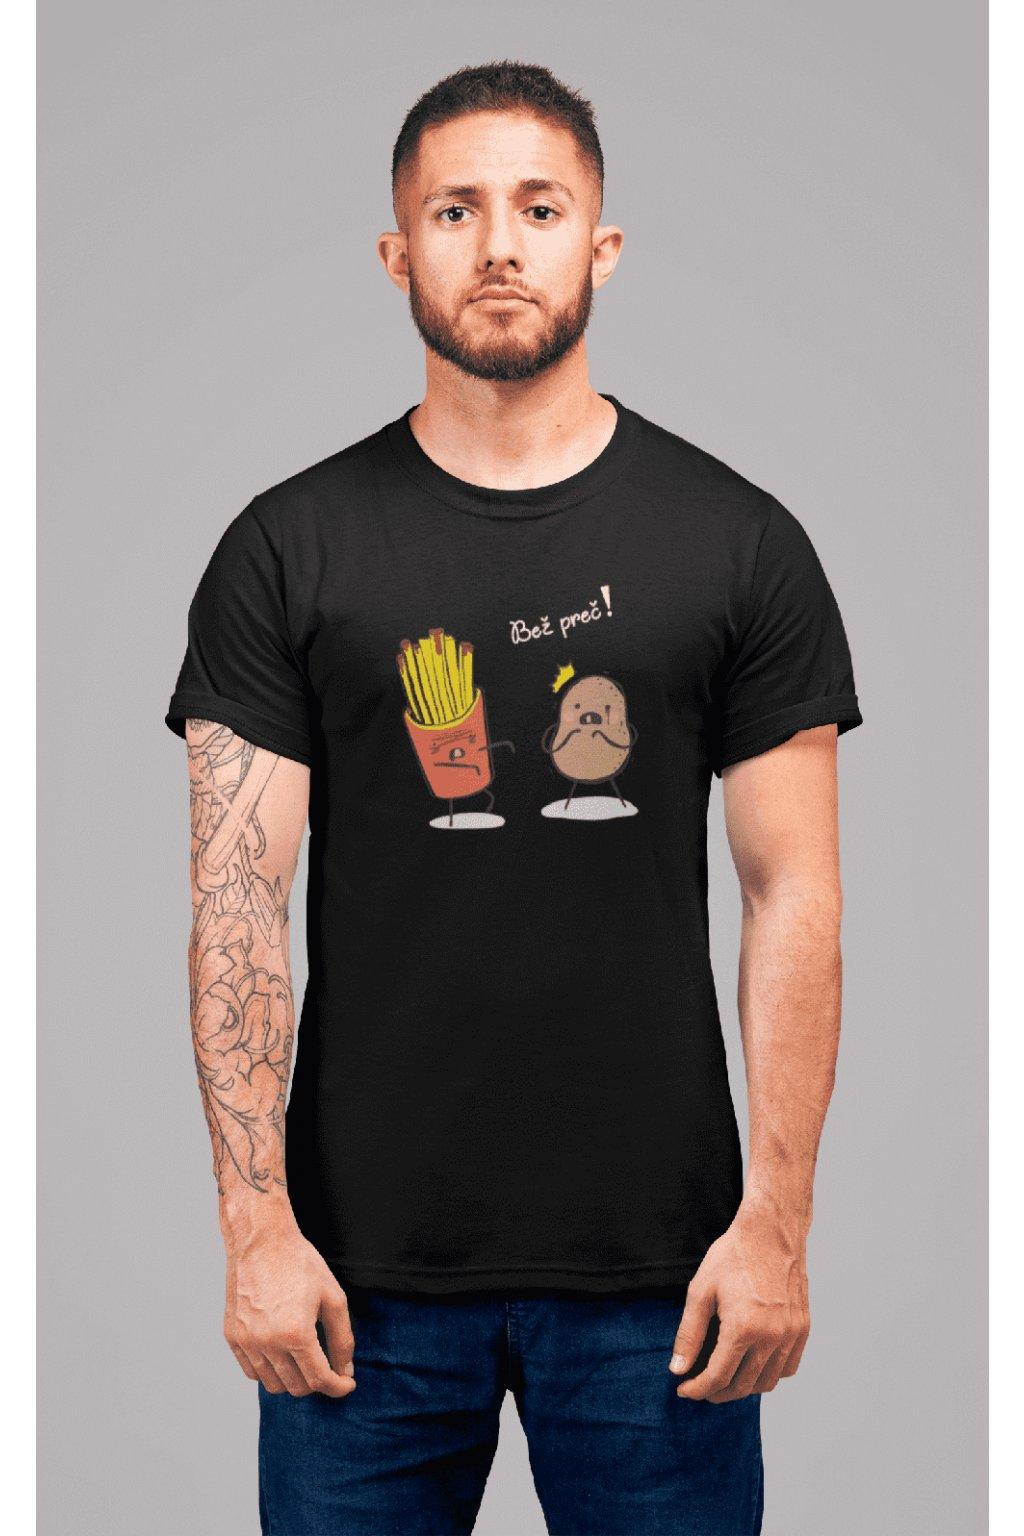 Pánske tričko Bež preč!